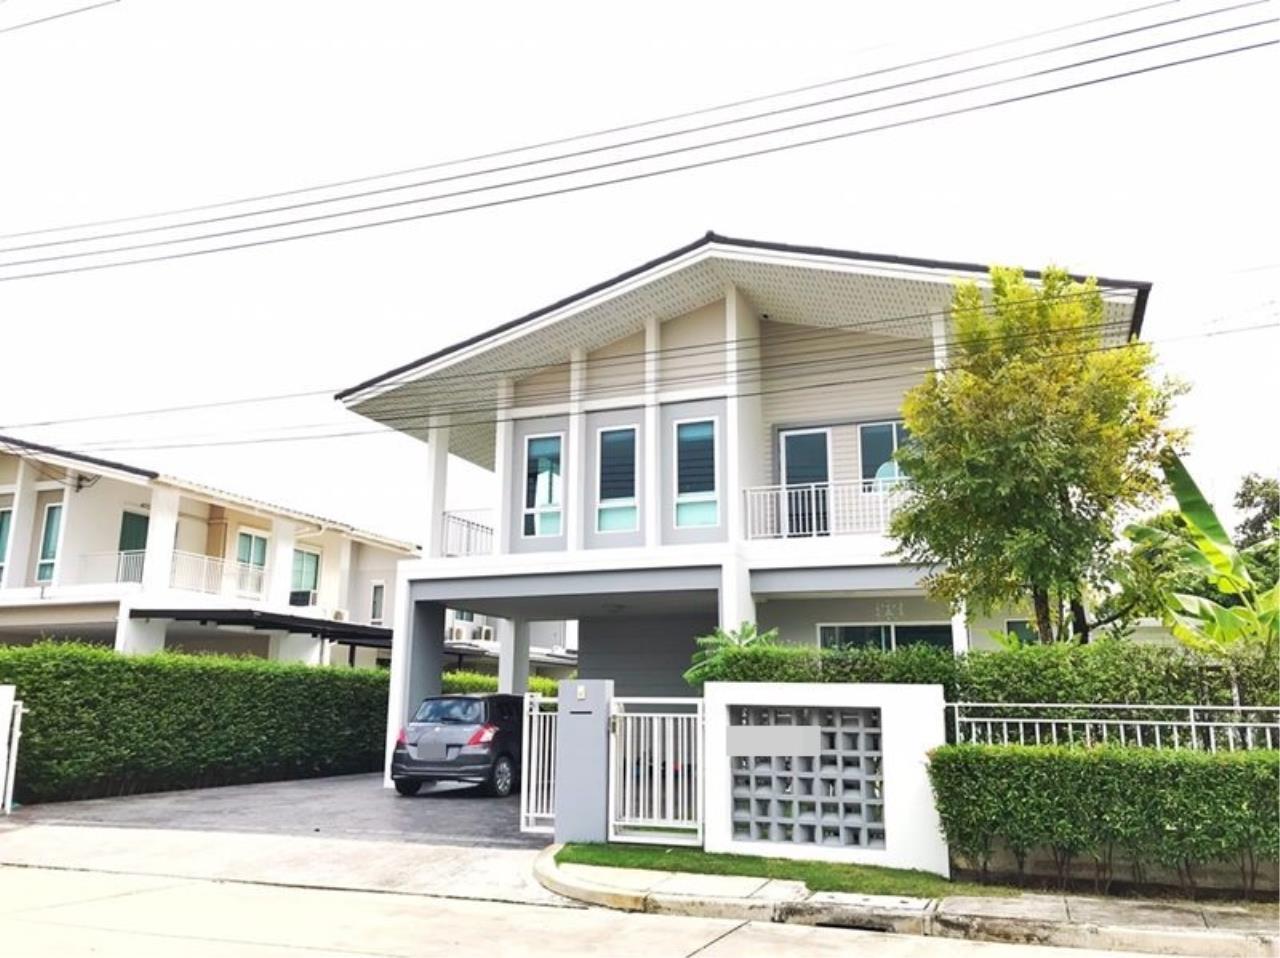 ขาย บ้าน แขวงสามวาตะวันตก เขตคลองสามวา กรุงเทพมหานคร, ภาพที่ 2